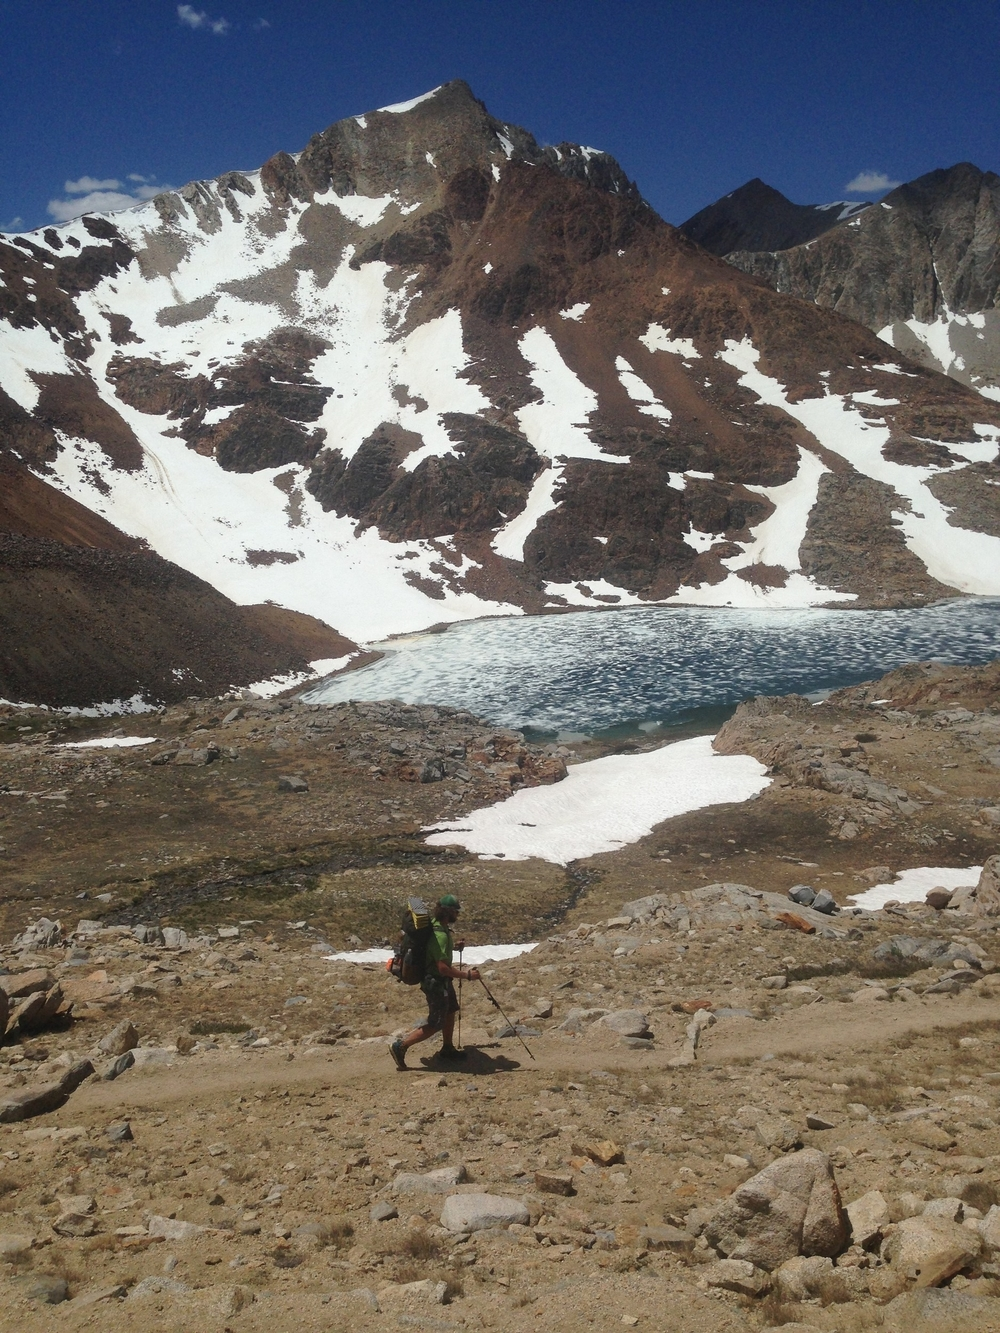 Colin Arisman hiking through the Sierra Nevada Mountains.